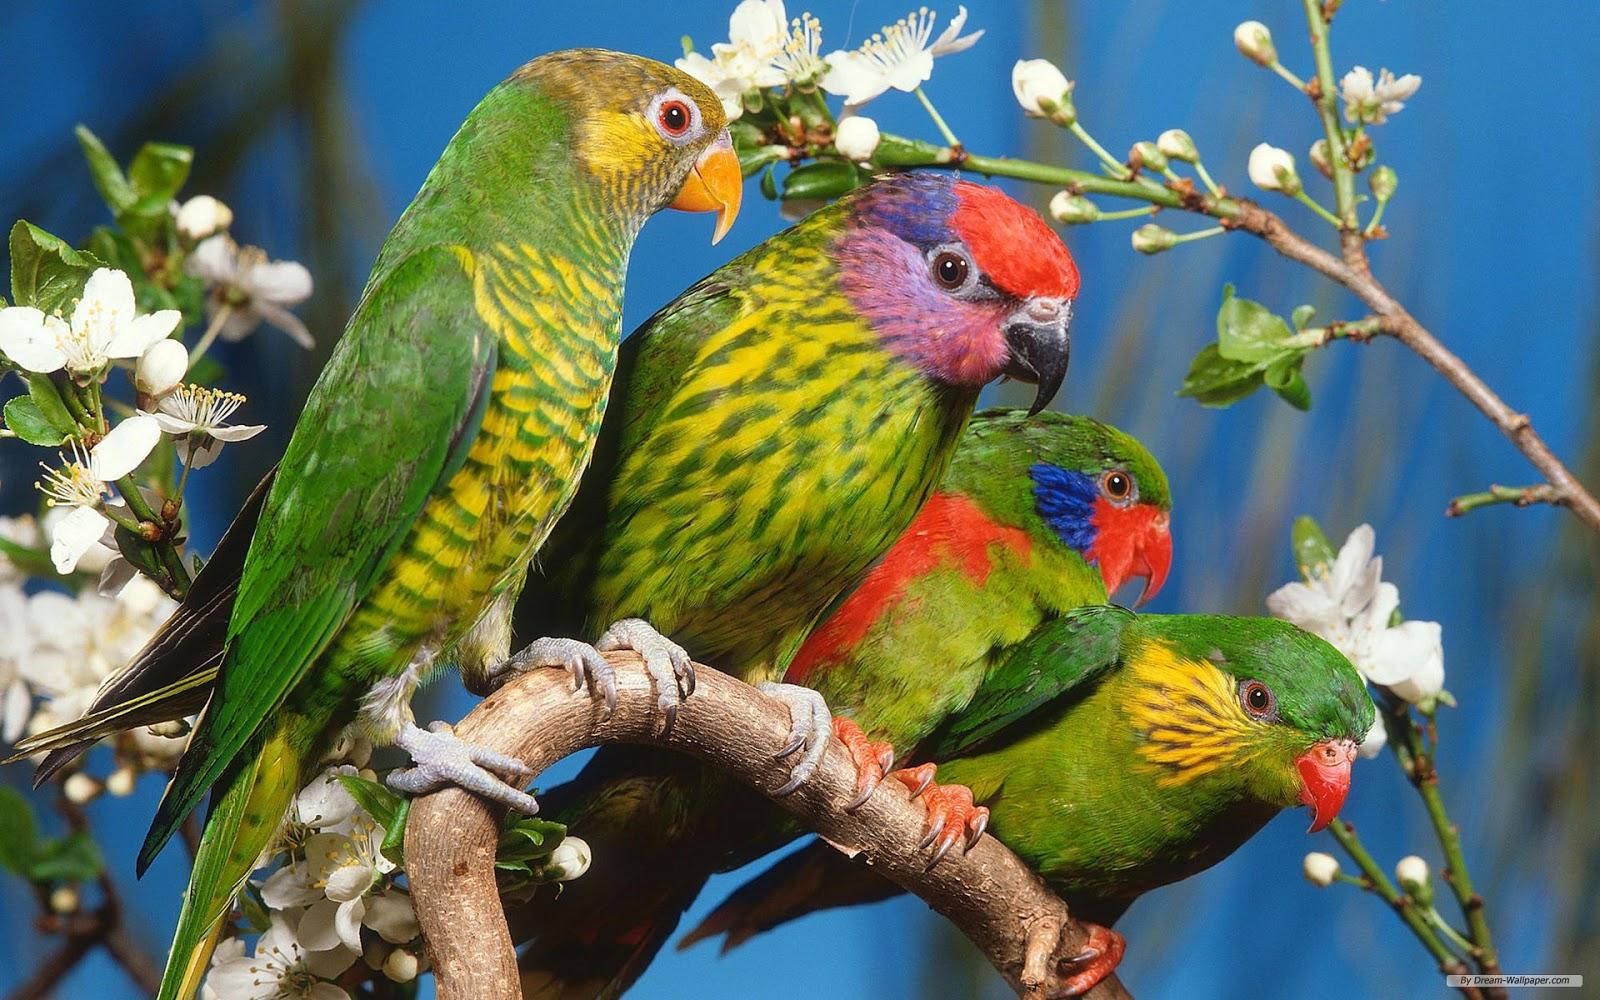 http://1.bp.blogspot.com/-h71hE3OgqyA/UaGiOllnbHI/AAAAAAAAFGk/PHUZ0s58lWU/s1600/bird1.jpg